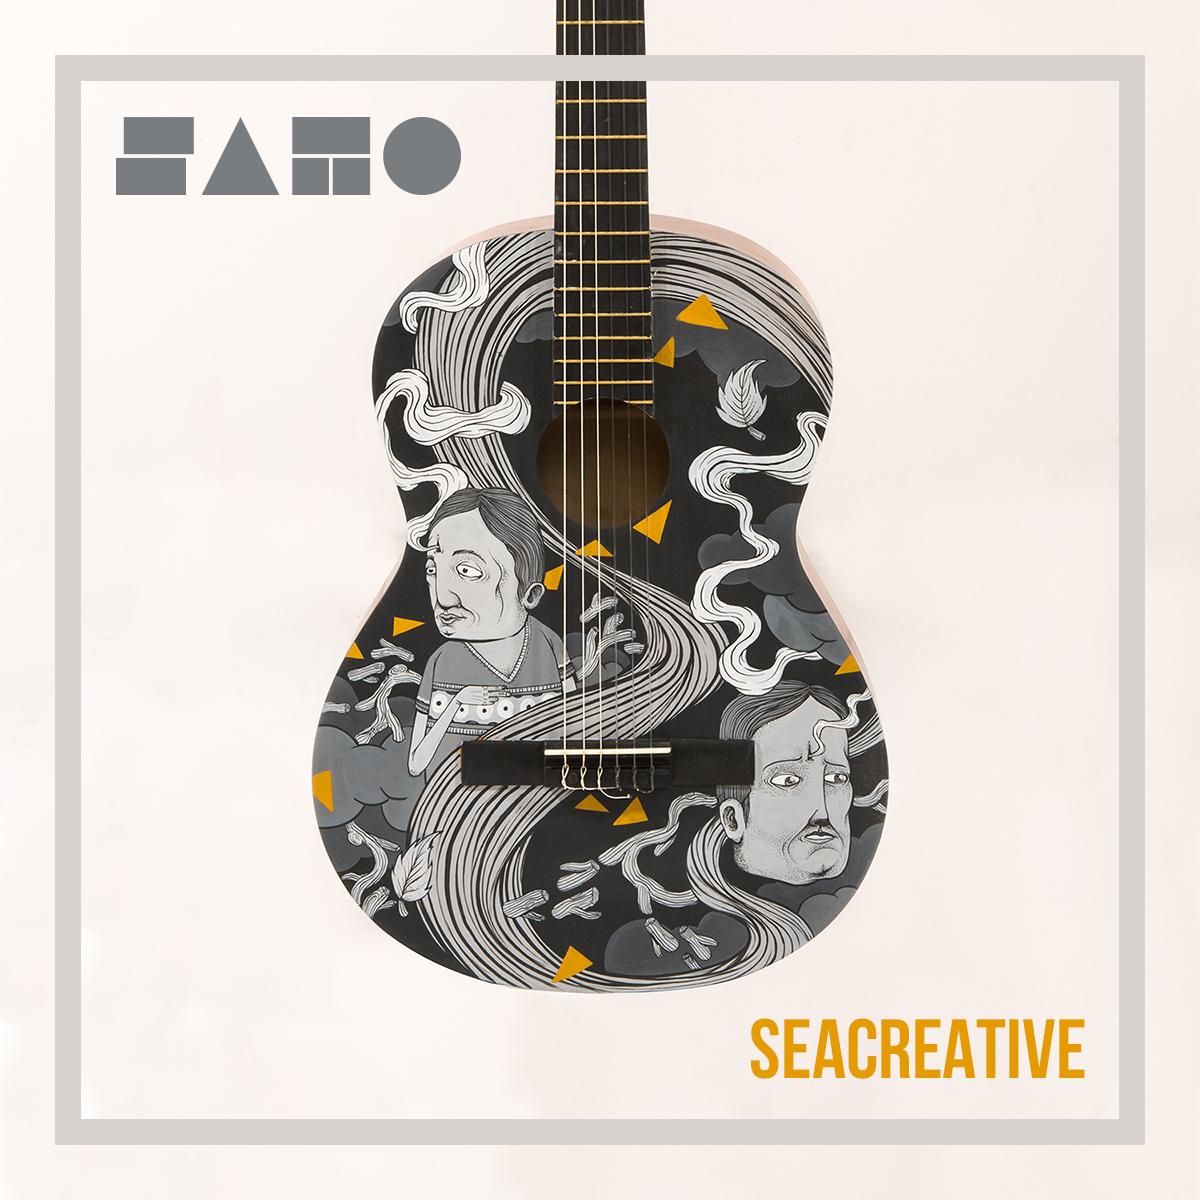 seacreative